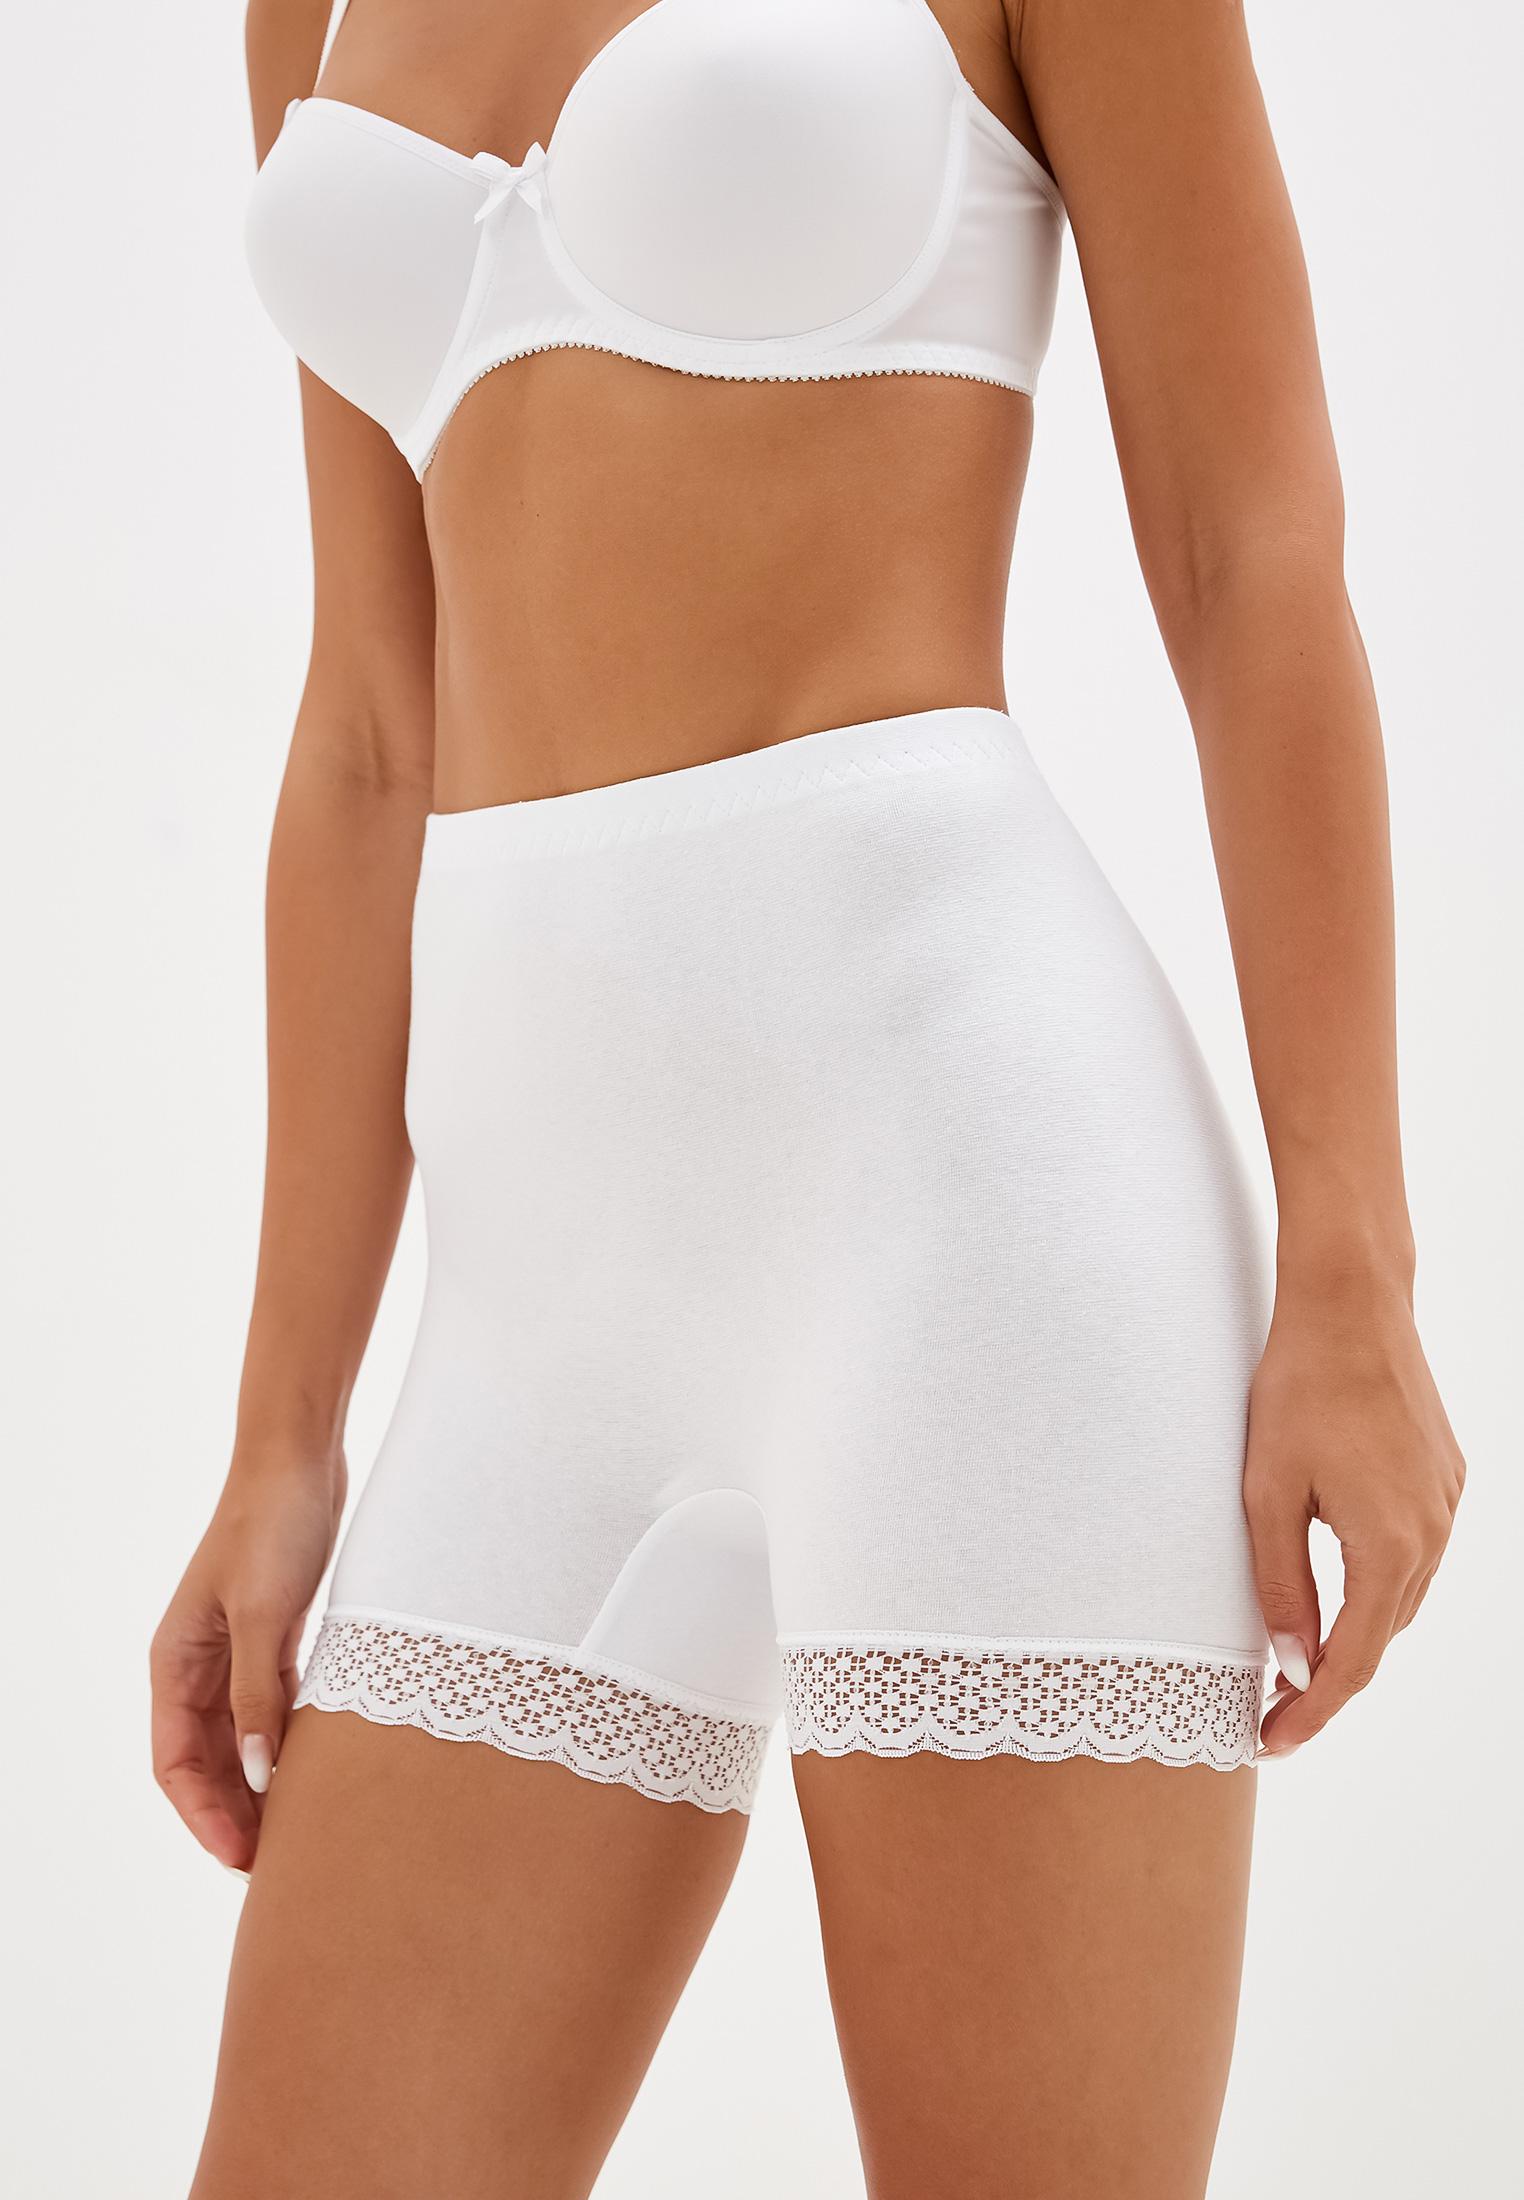 Панталоны женские НОВОЕ ВРЕМЯ T013 белые 48 RU